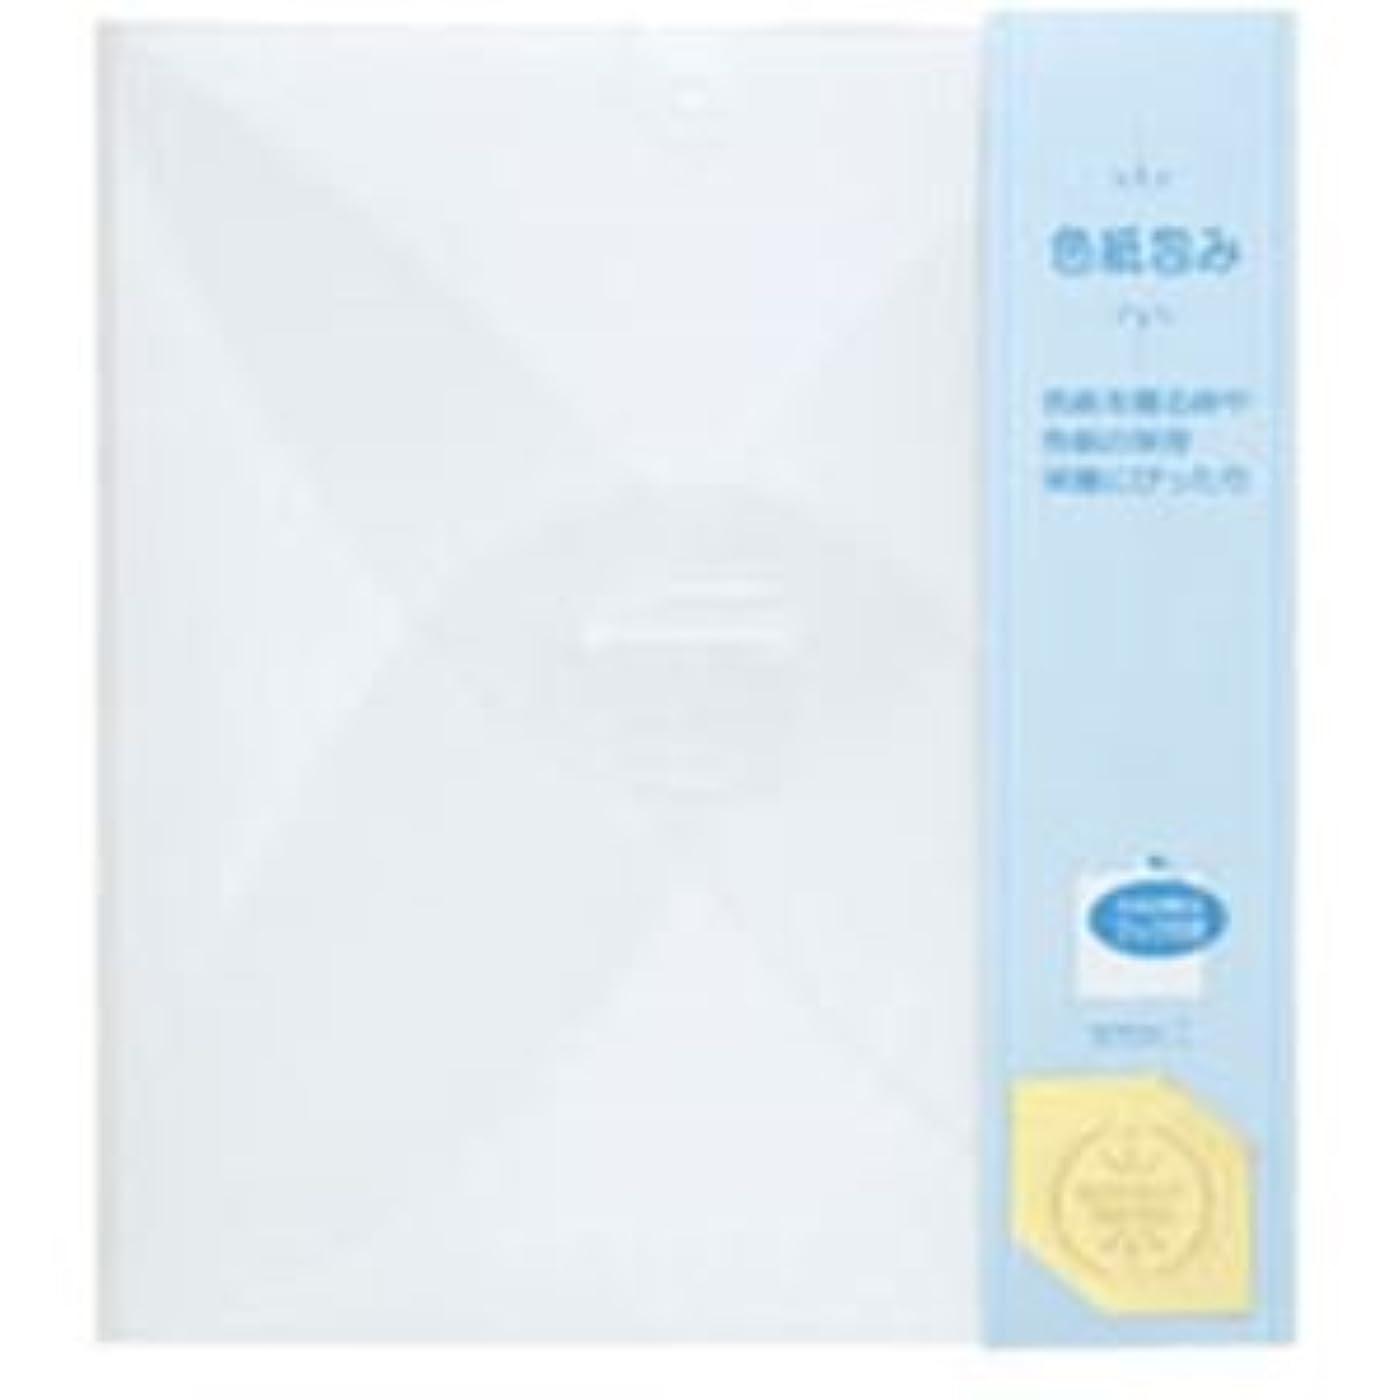 損失連鎖挨拶する(業務用20セット)ミドリ カラー色紙包み 33037006 透明